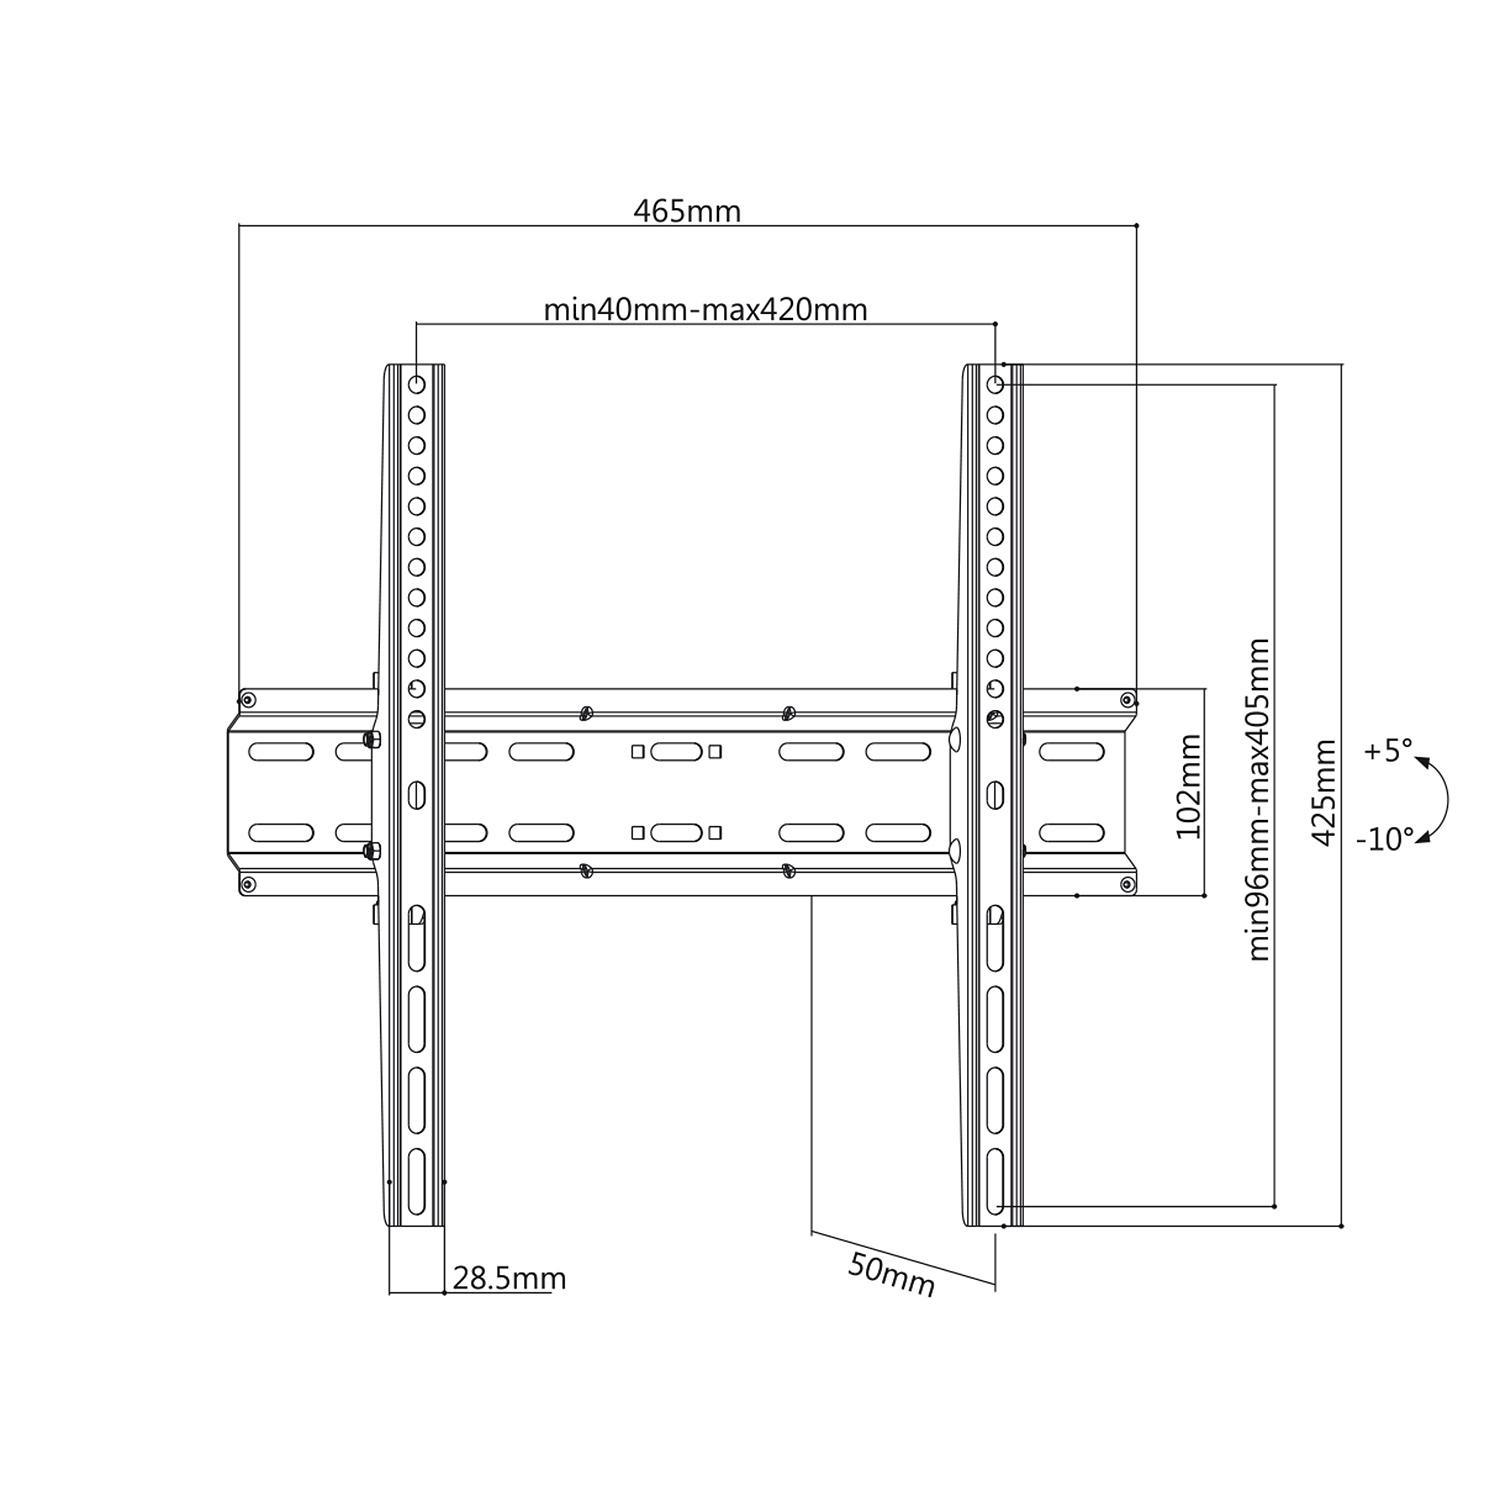 Spolehlivý, bezpečný a levný držák pro zavěšení televize na stěnu s možností nastavení náklonu, podpora VESA, nosnost 35kg - Fiber Mounts DELTA748